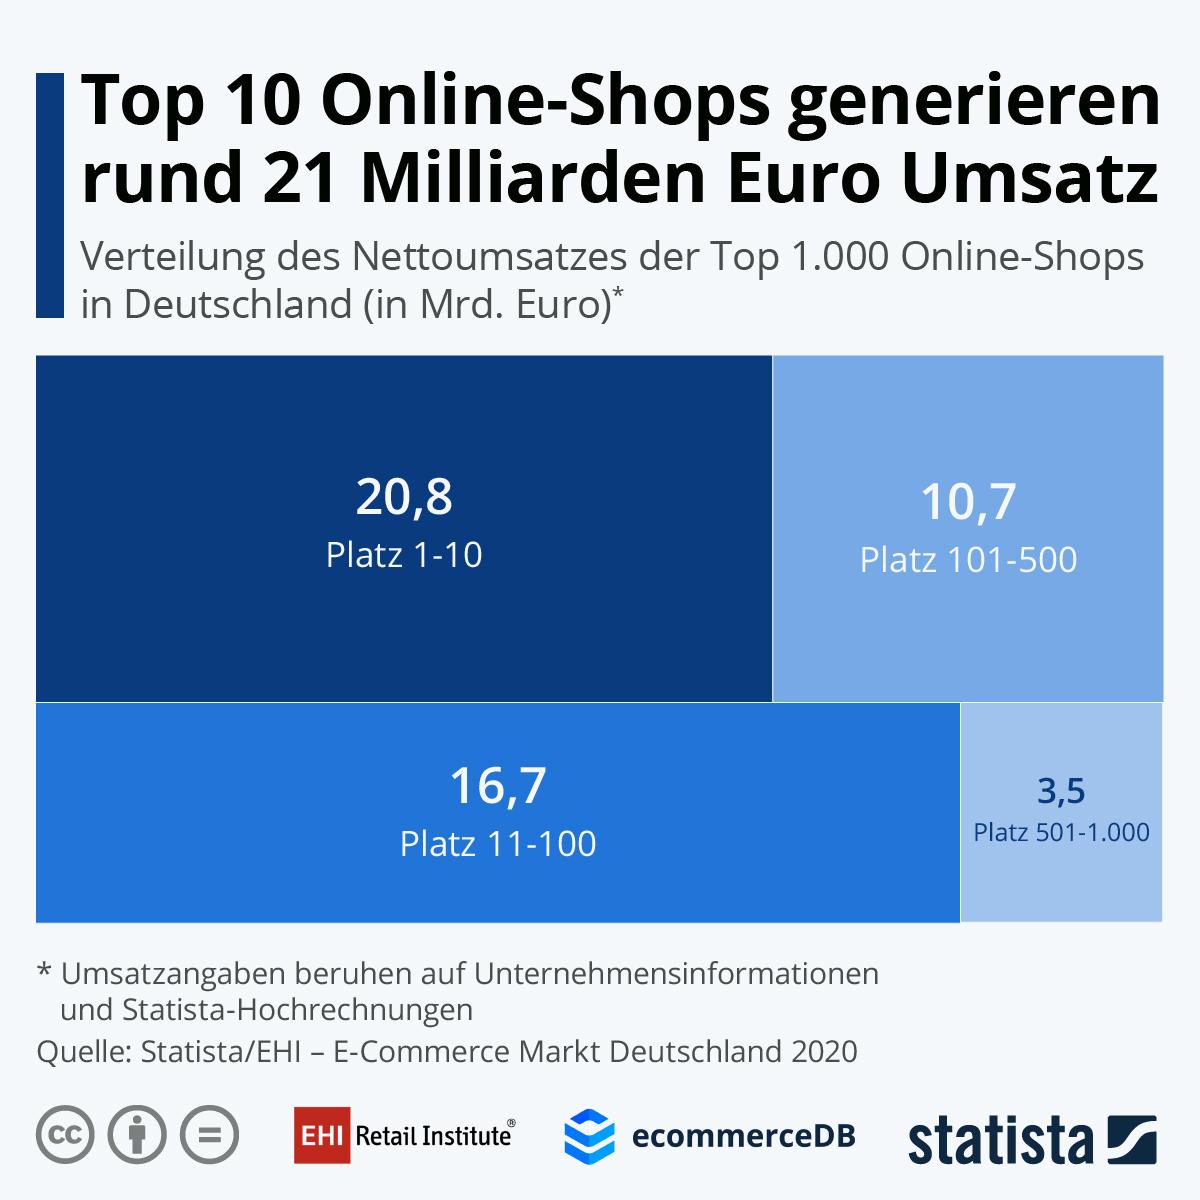 Umsatzverteilung innerhalb der Top 1000 Onlineshops, Quelle: EHI/Statista